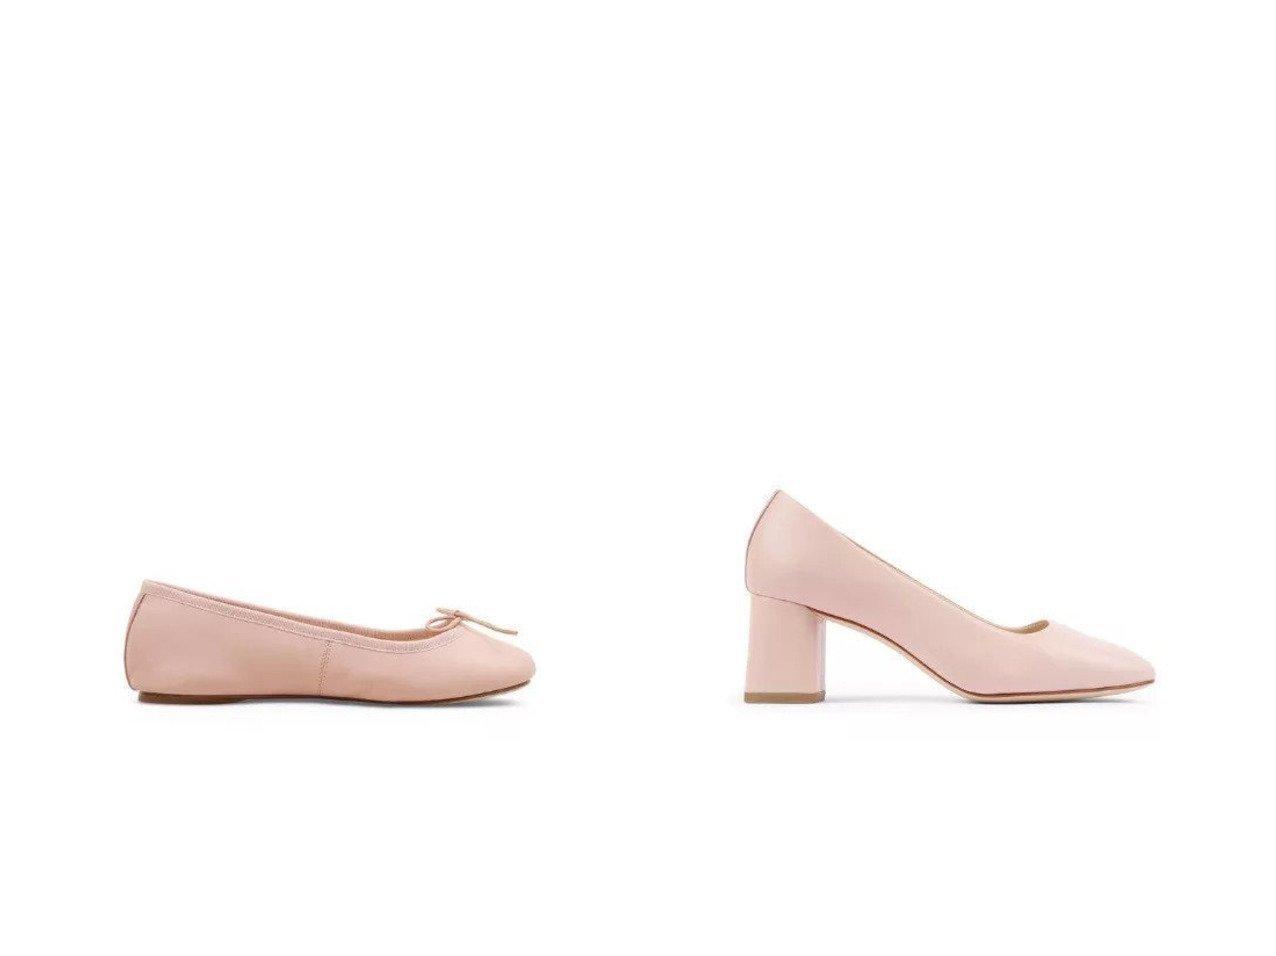 【repetto/レペット】のRuby Ballerinas&Marlow Pumps repettoのおすすめ!人気、トレンド・レディースファッションの通販 おすすめで人気の流行・トレンド、ファッションの通販商品 メンズファッション・キッズファッション・インテリア・家具・レディースファッション・服の通販 founy(ファニー) https://founy.com/ ファッション Fashion レディースファッション WOMEN シューズ シンプル バレエ フィット フェミニン フラット レース ブロック モダン |ID:crp329100000019113